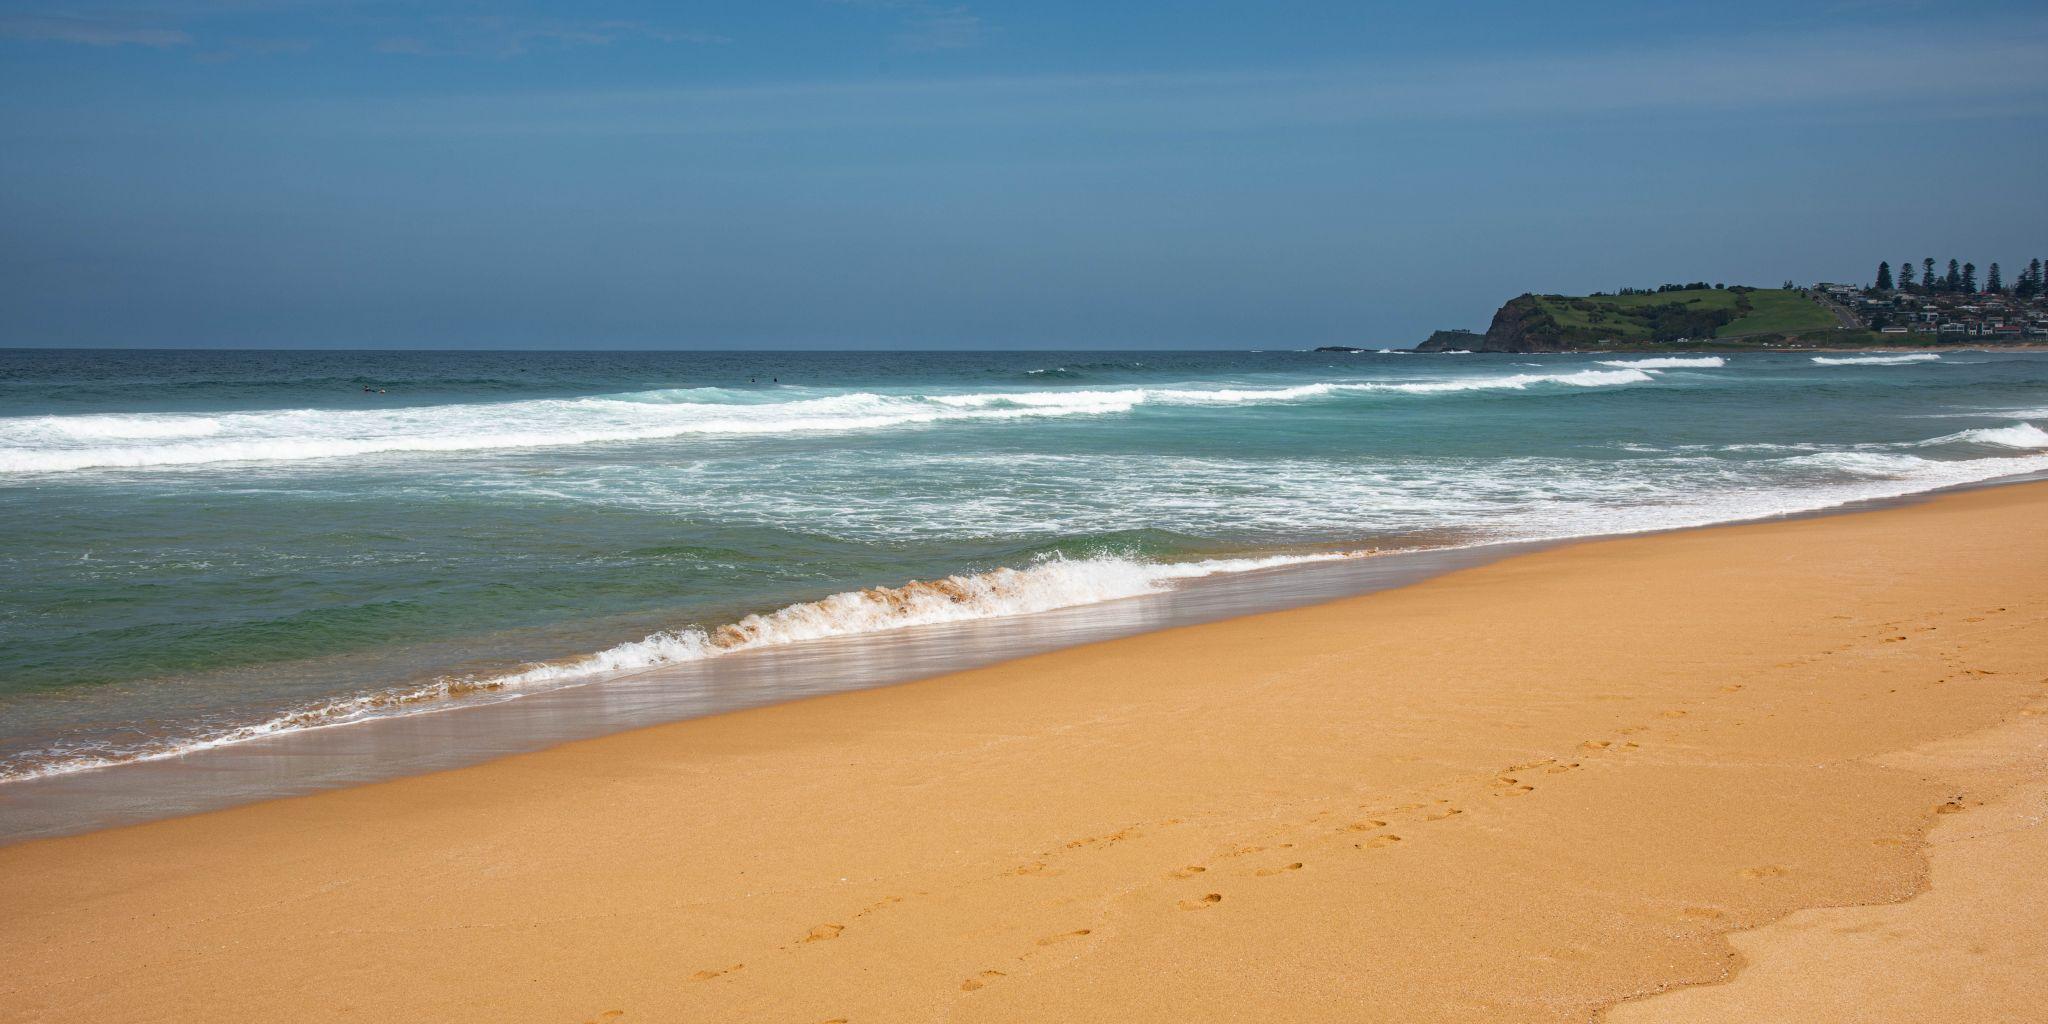 Werri Beach, Australia